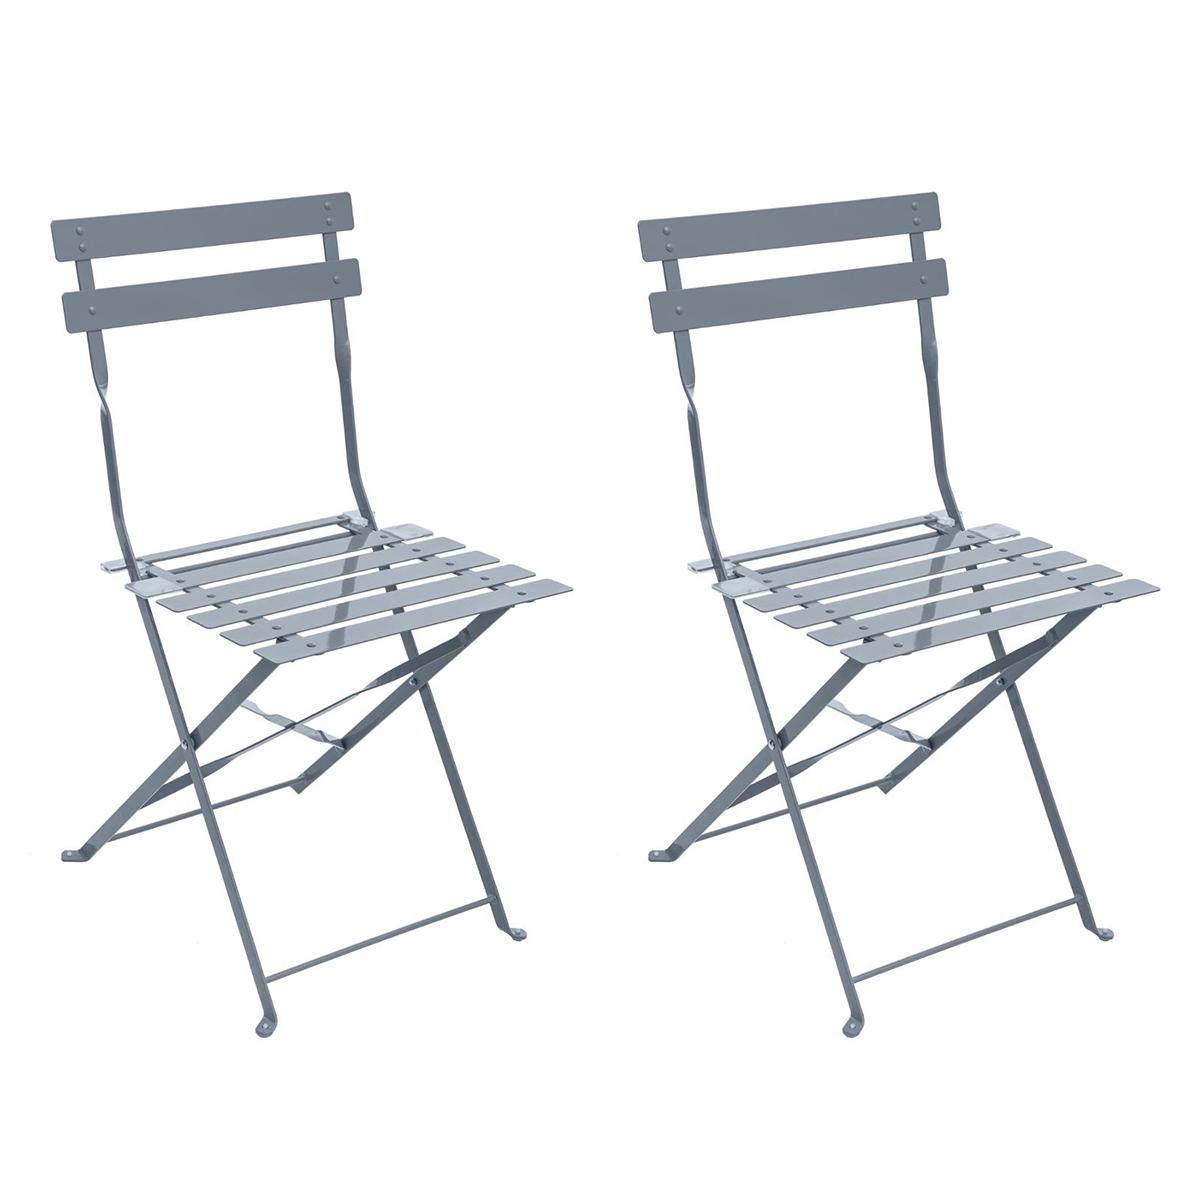 jardin chaises pliantes chaises de chaises jardin pliantes de pliantes m0Pn8vNOyw